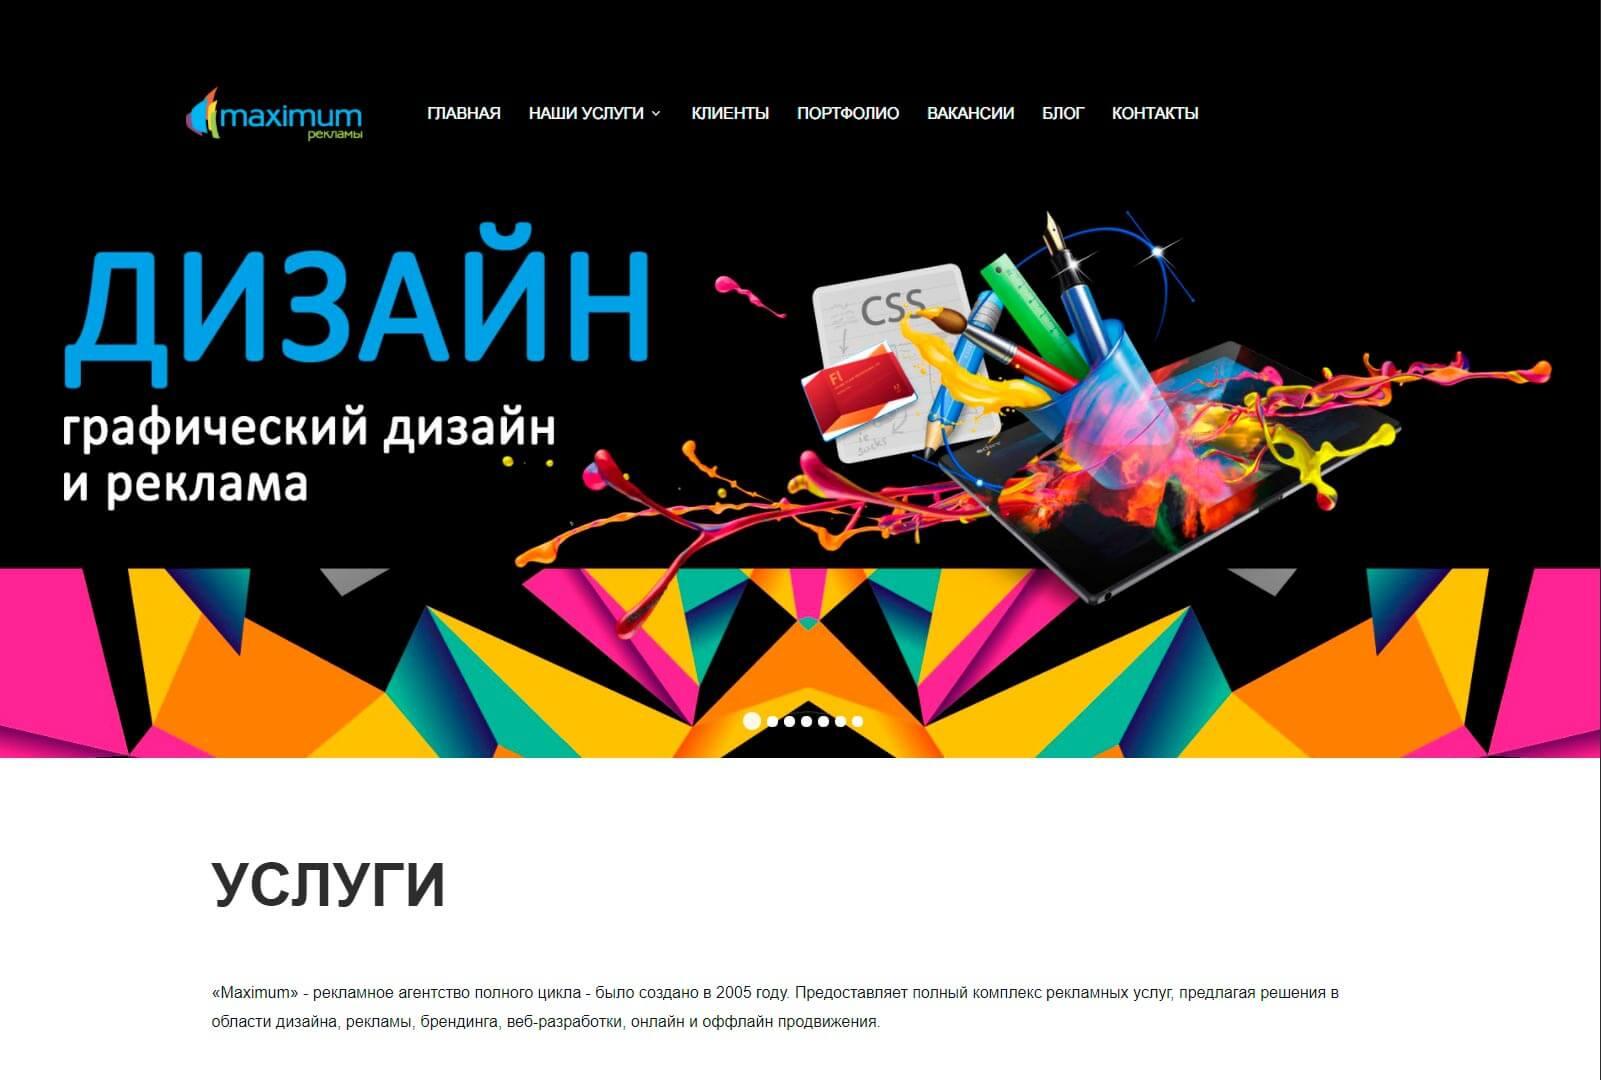 Maximum - обзор компании, услуги, отзывы, клиенты, Фото № 1 - google-seo.pro